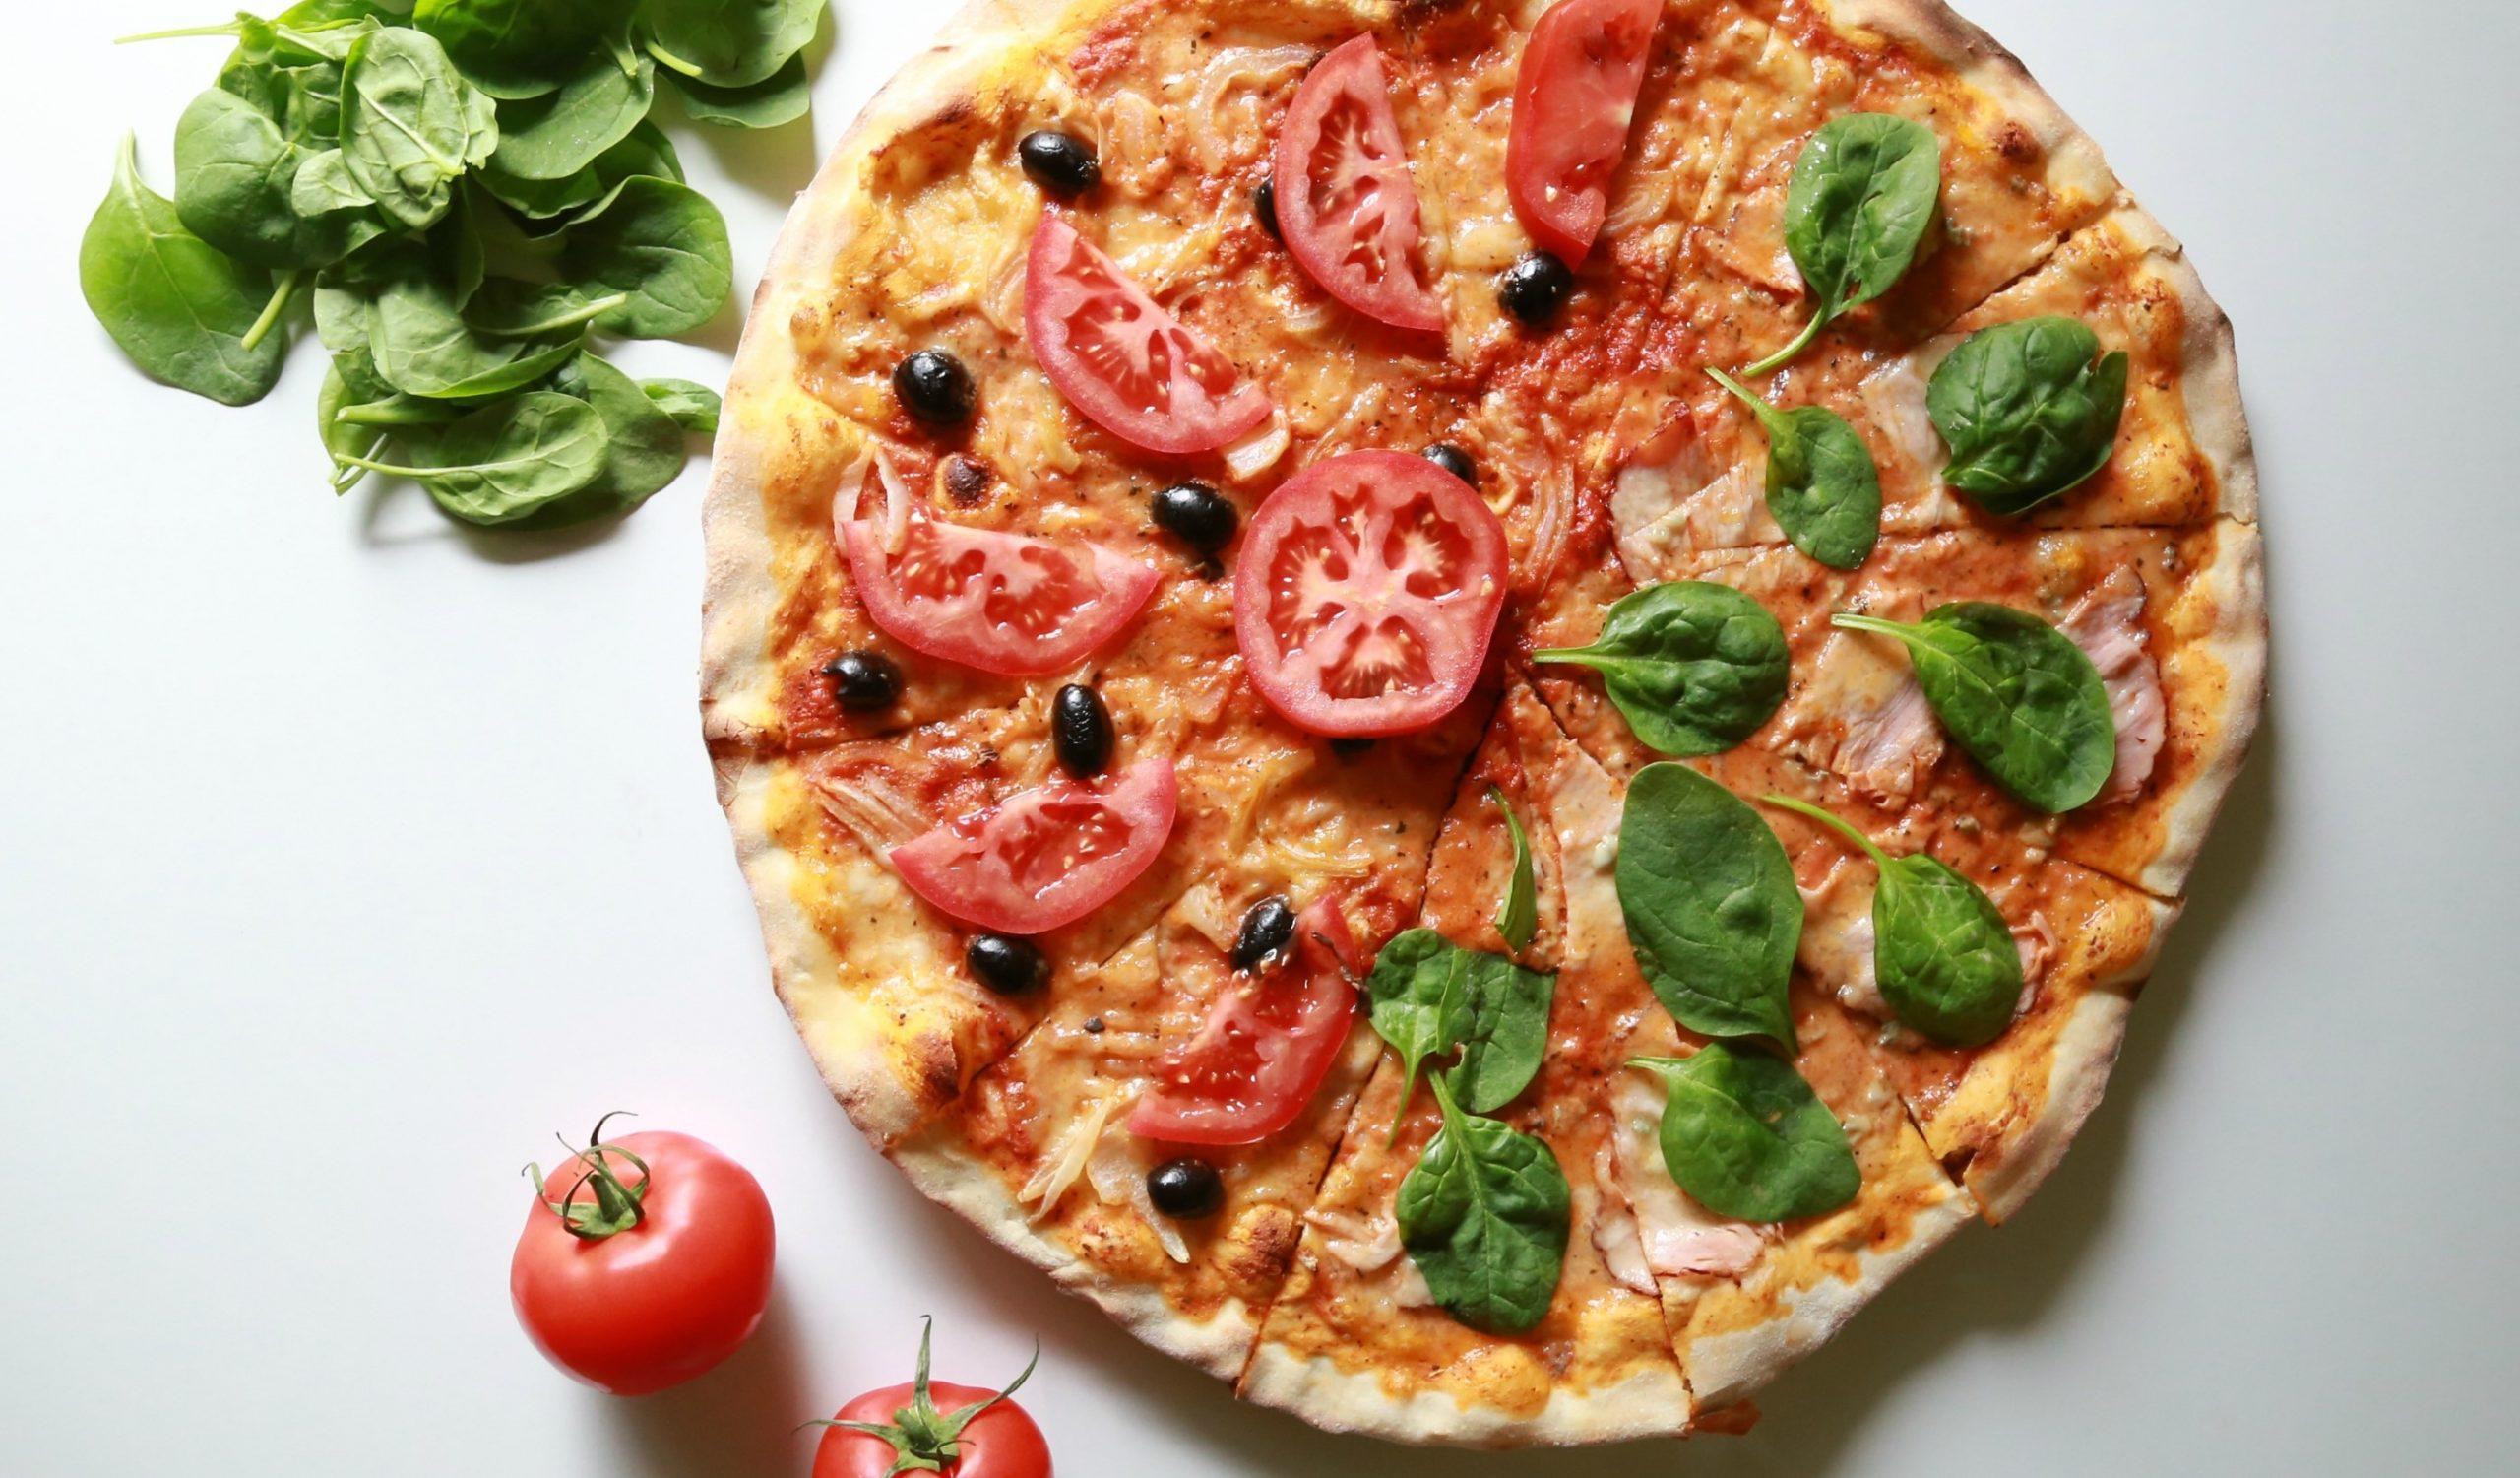 Μήπως κάνεις δίαιτα; Δες τι μπορείς να φας όταν βγεις έξω για φαγητό